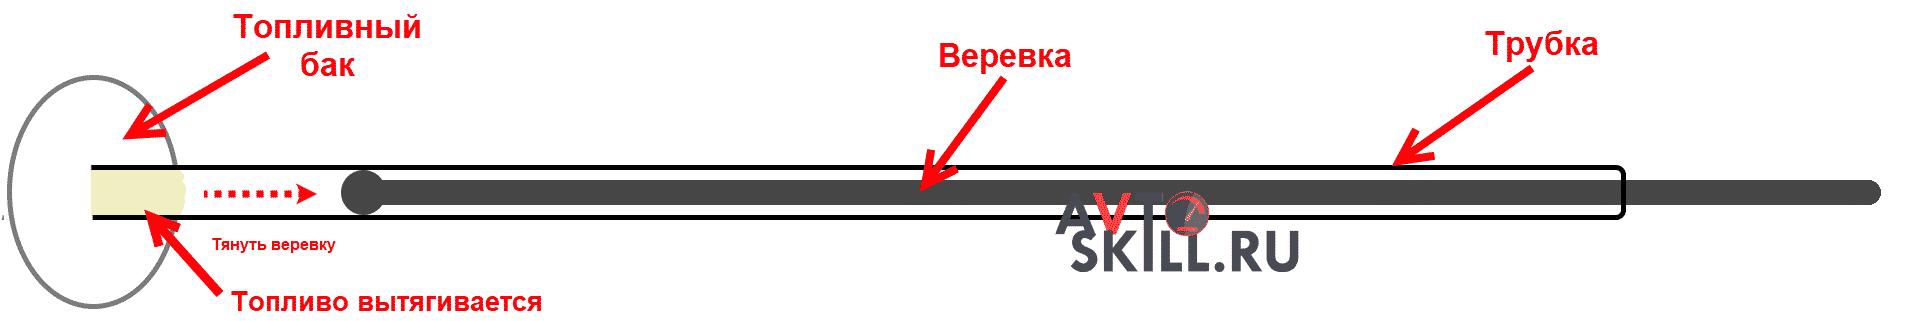 Как слить солярку при помощи шланга и веревки